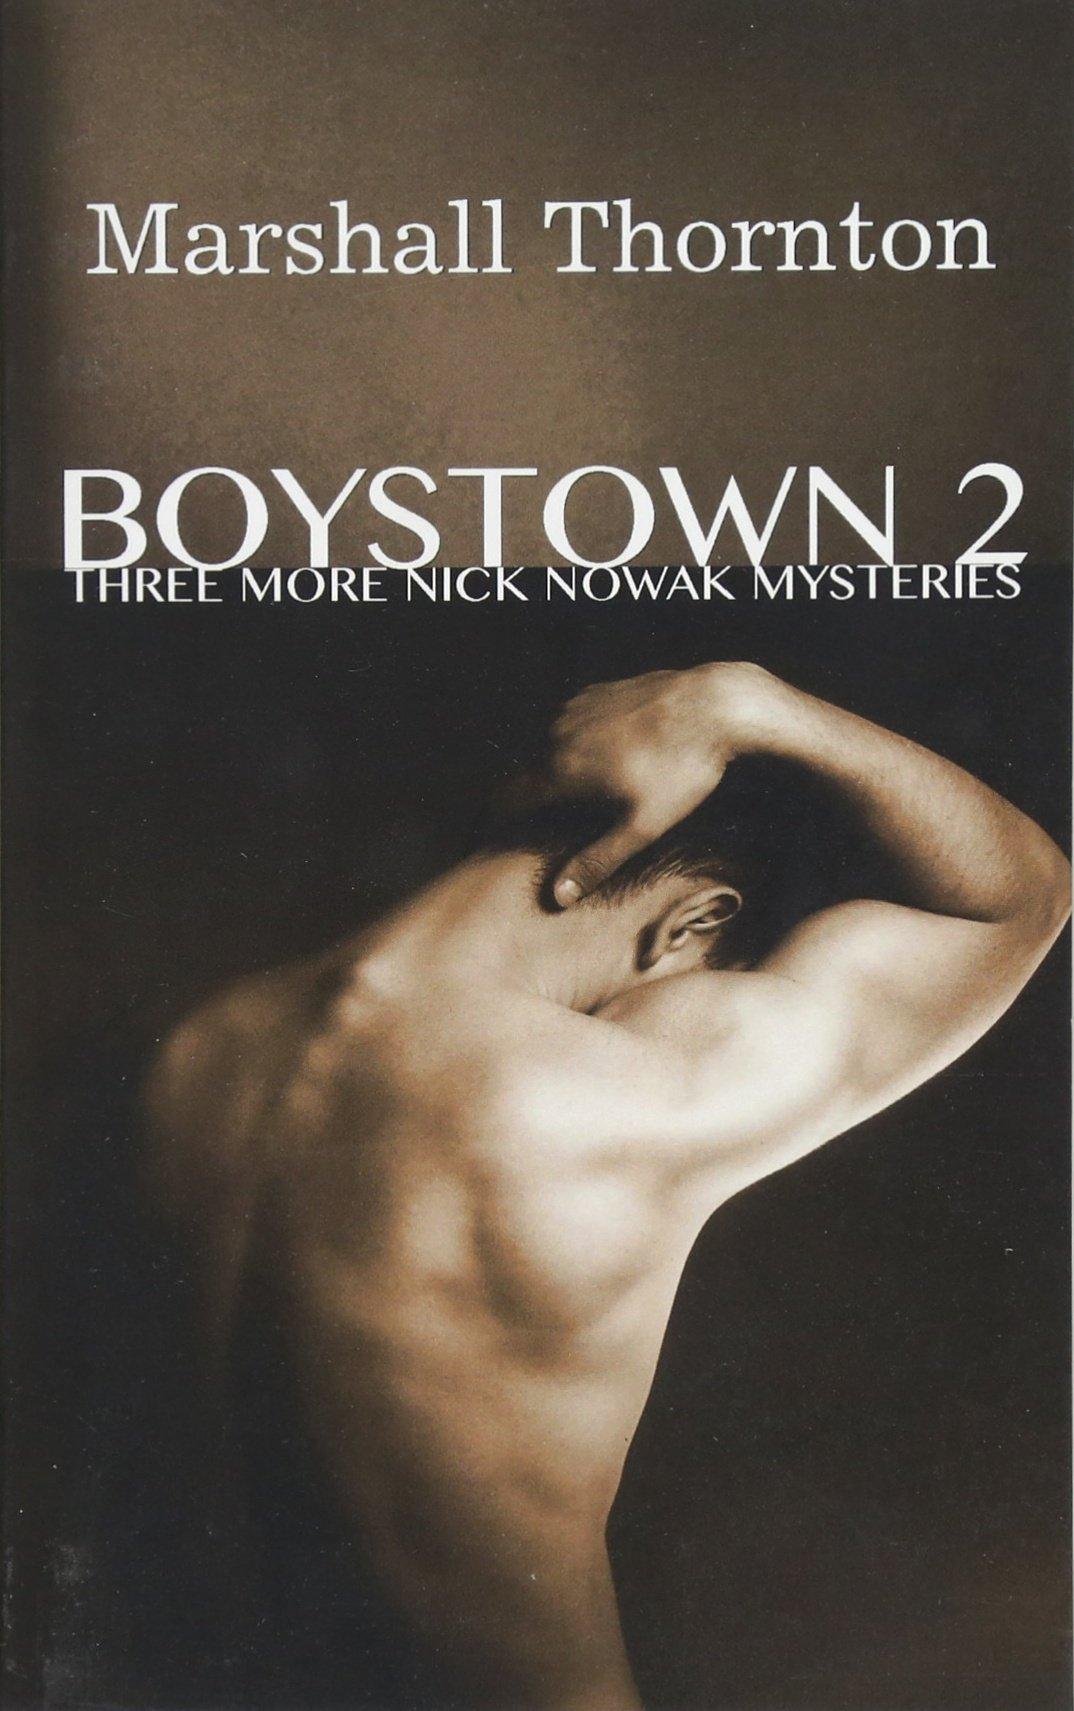 Boystown 2: Three More Nick Nowak Mysteries: Volume 2 (Boystown Mysteries):  Amazon.co.uk: Marshall Thornton: 9781508439721: Books